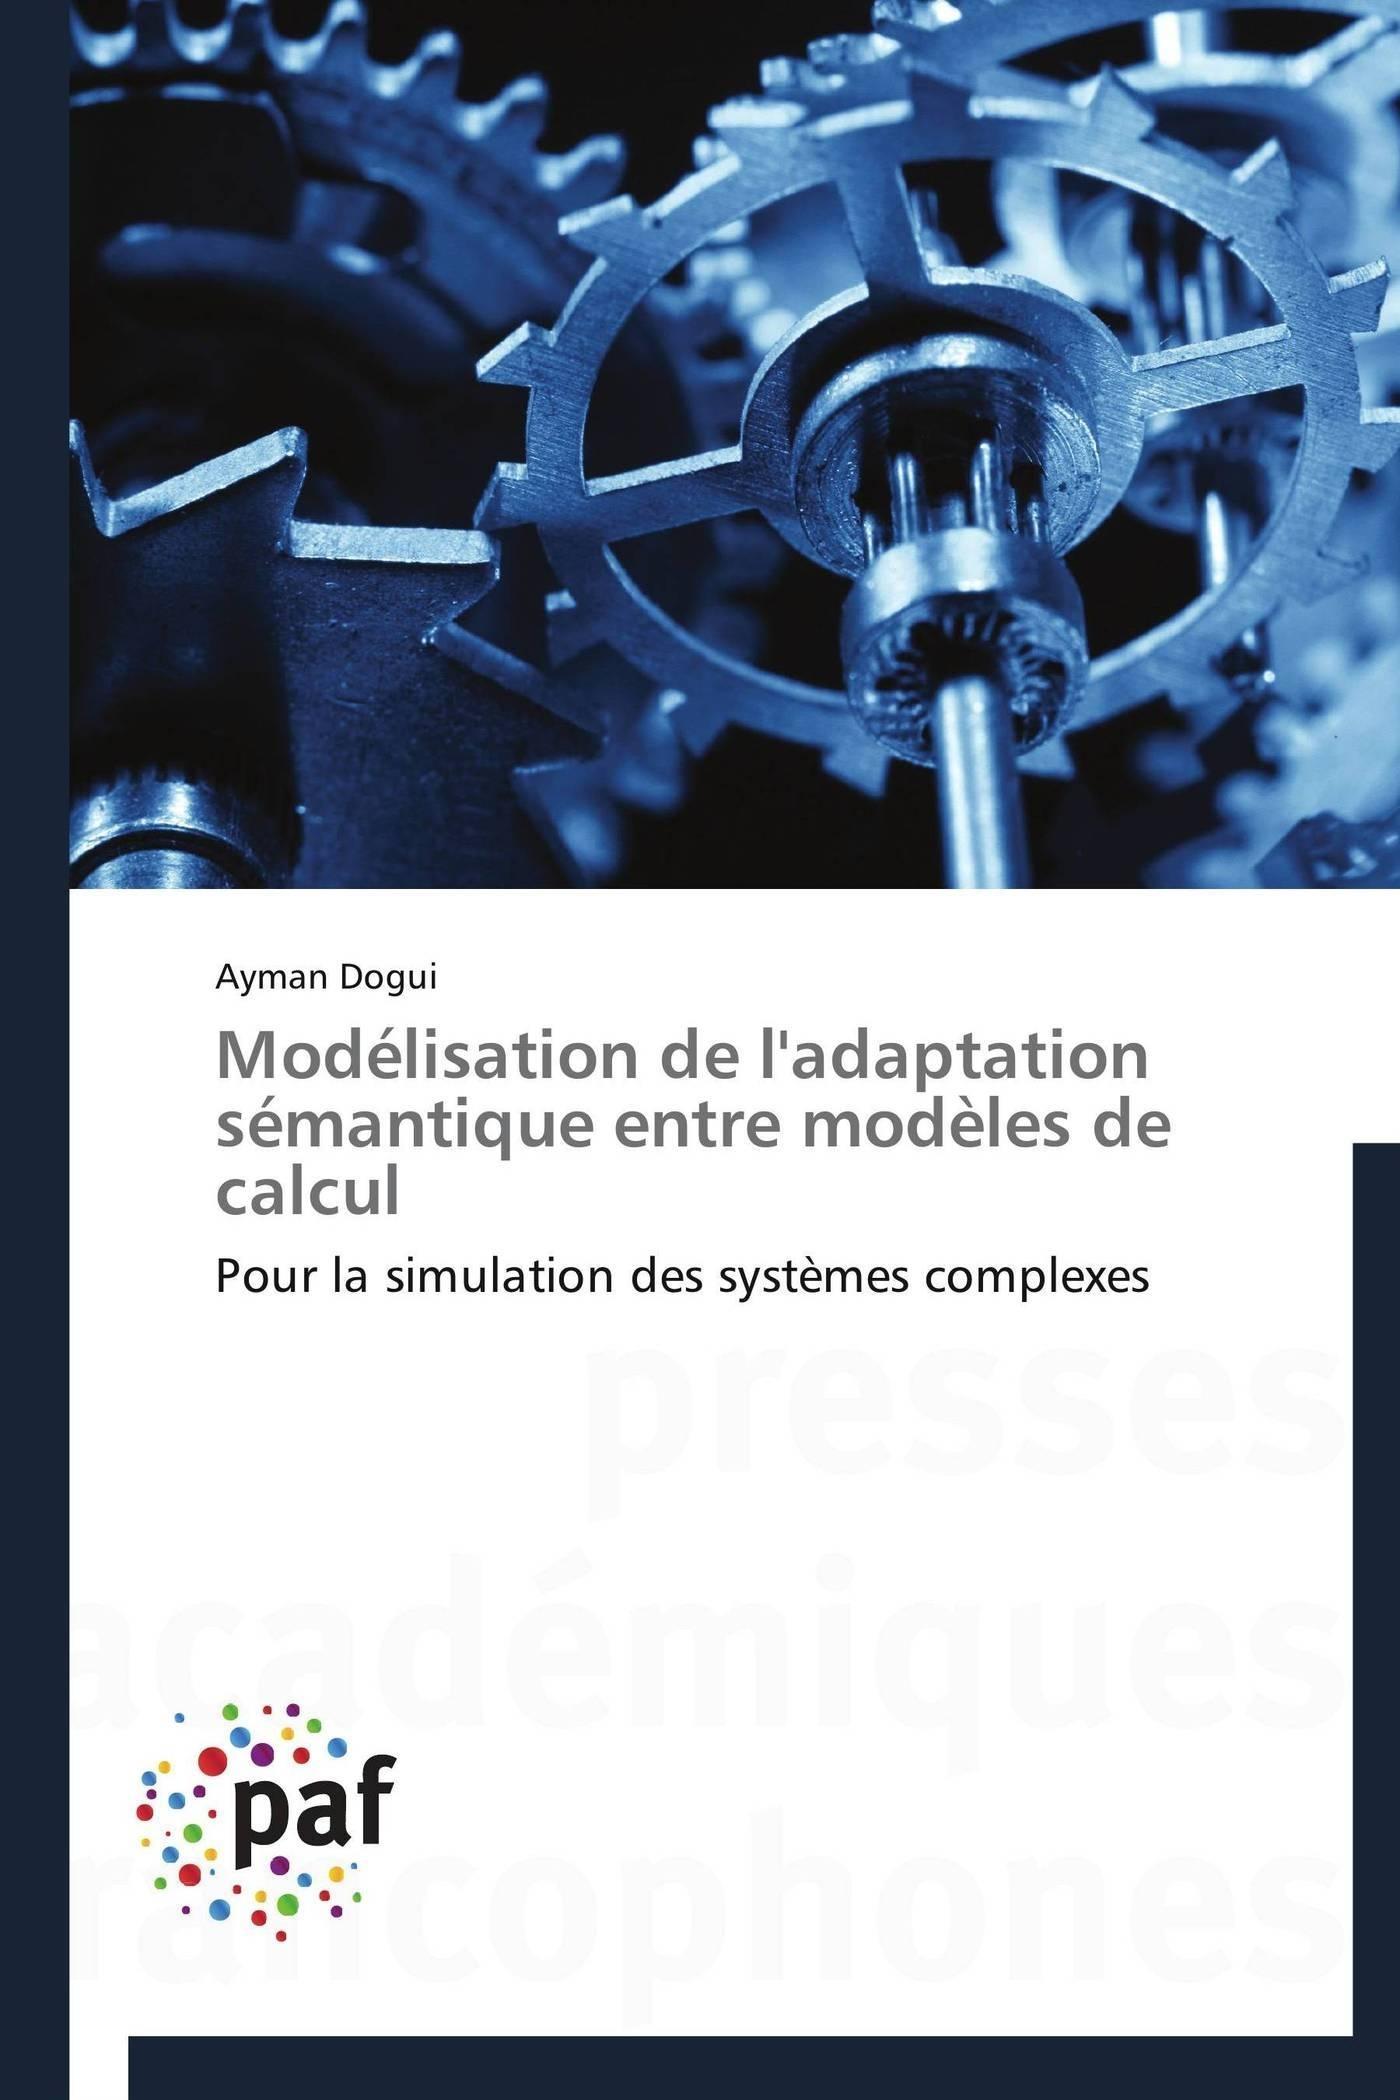 MODELISATION DE L'ADAPTATION SEMANTIQUE ENTRE MODELES DE CALCUL